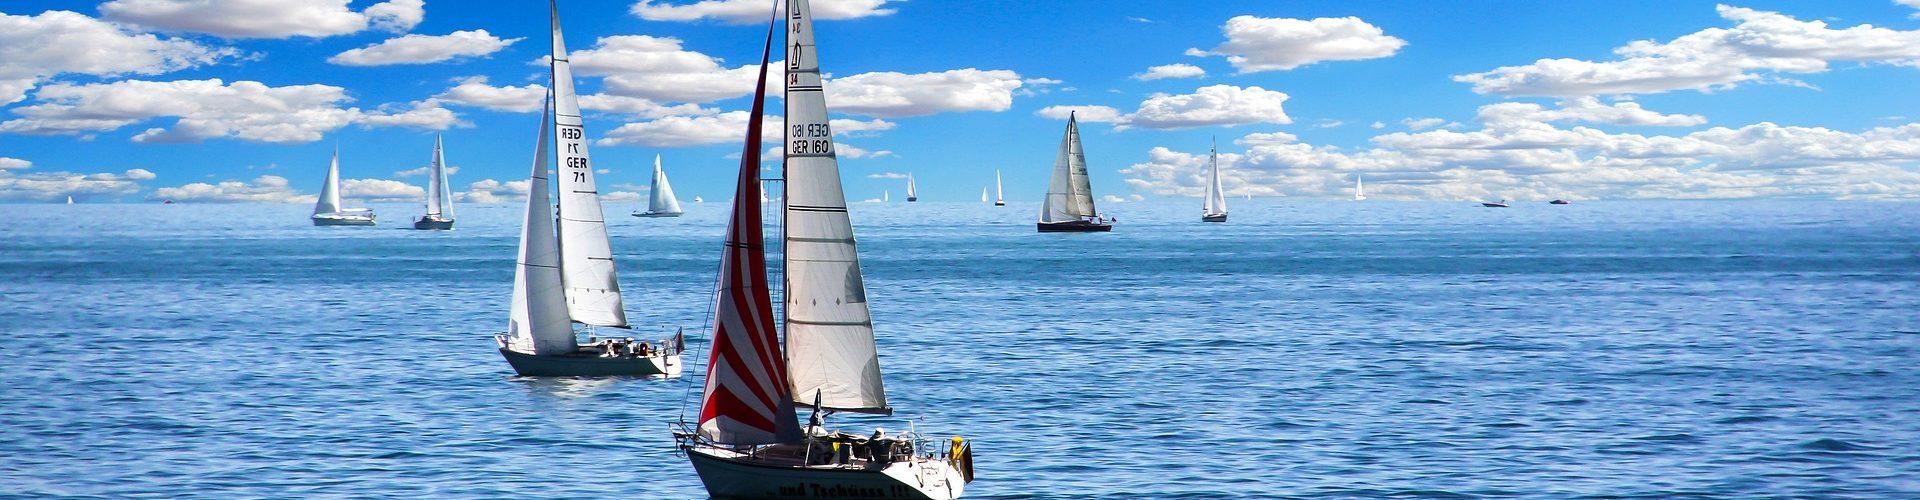 segeln lernen in Strande segelschein machen in Strande 1920x500 - Segeln lernen in Strande